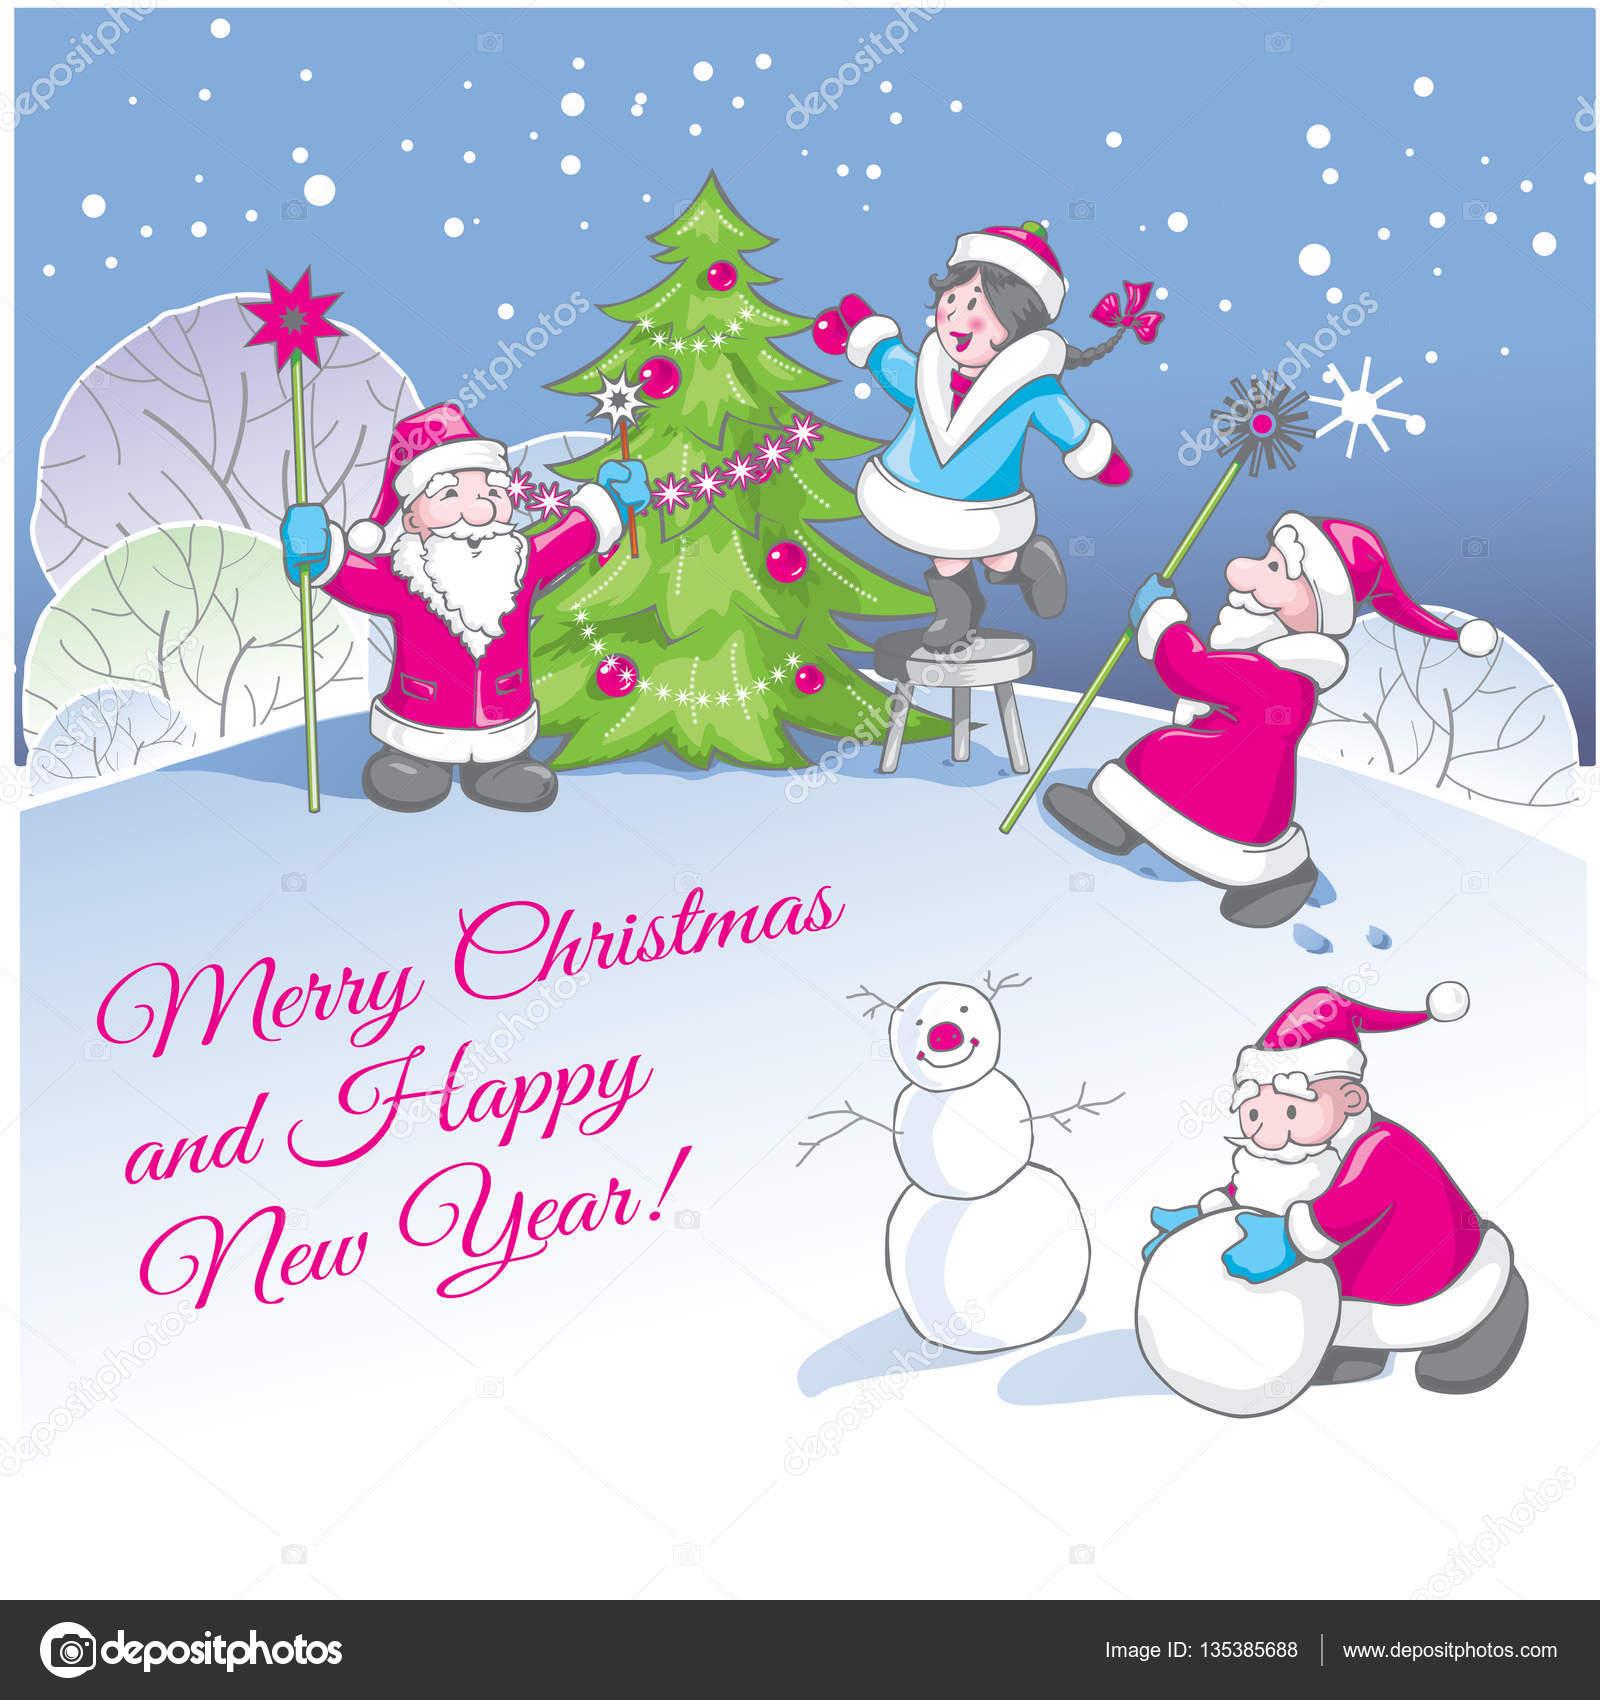 Immagini Per Auguri Natale E Capodanno.Vettore Disegno Babbo Natale Buffo Auguri Di Natale E